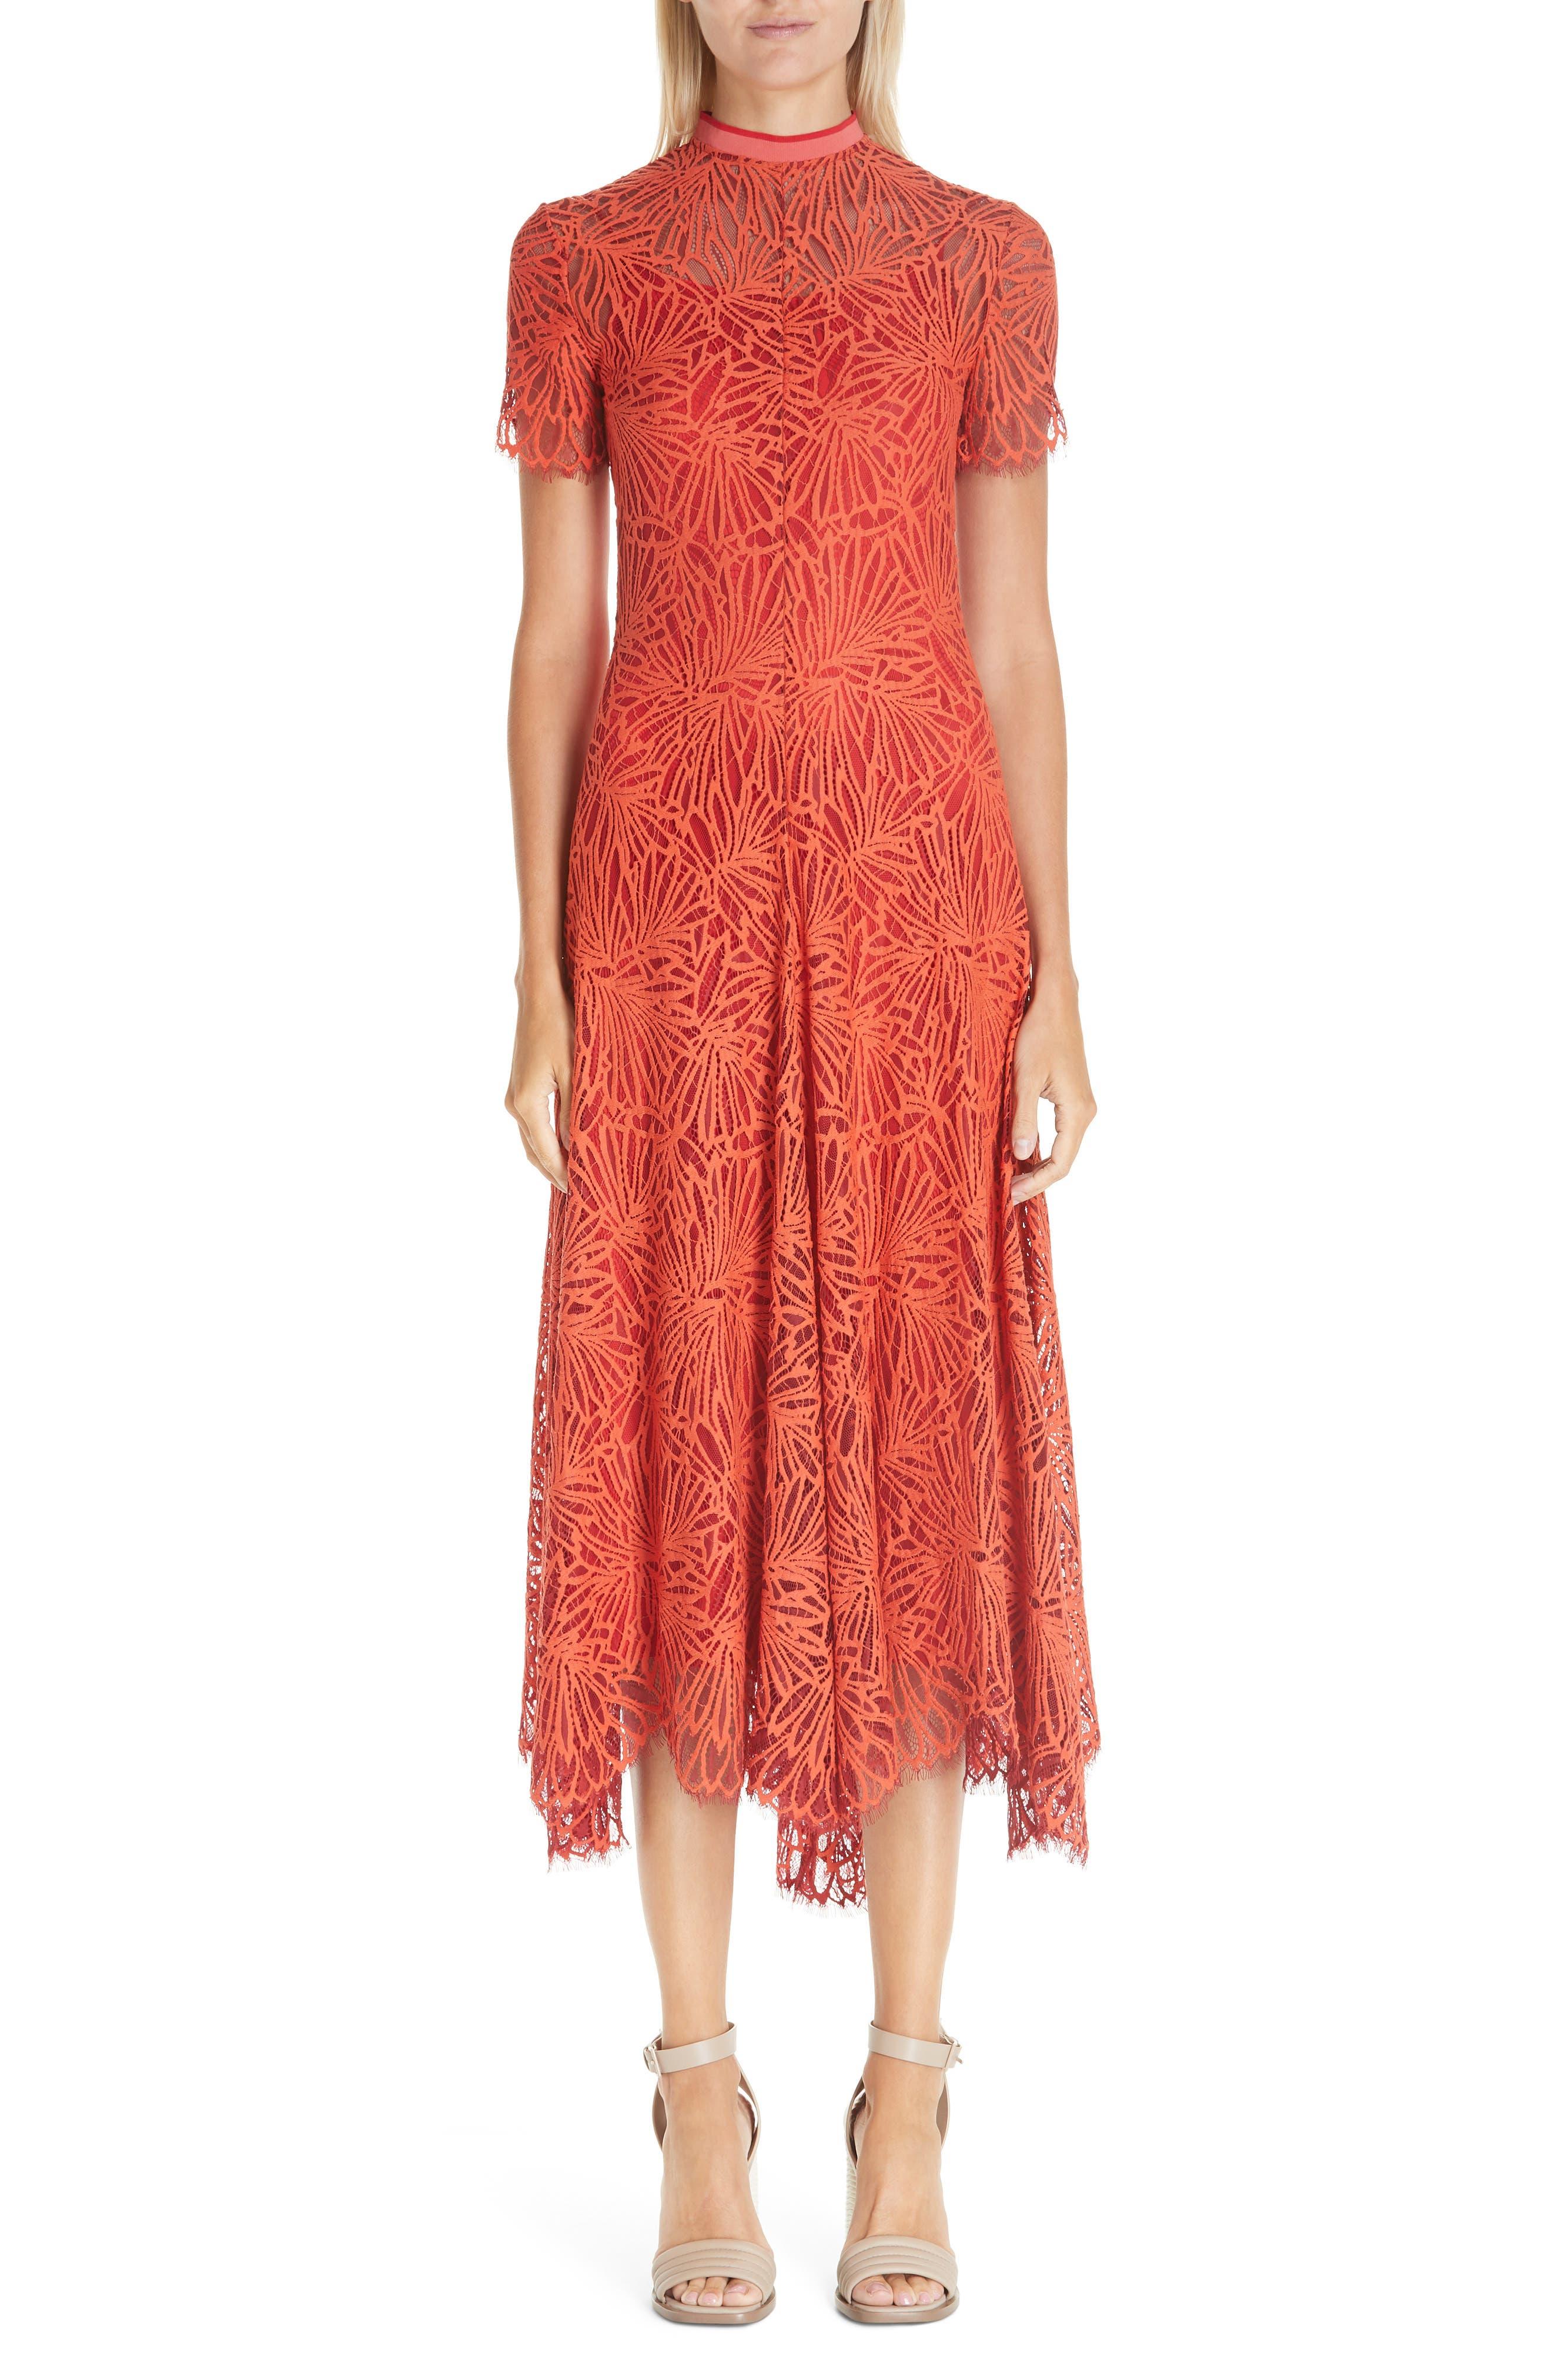 Proenza Schouler Stretch Lace Dress, Orange